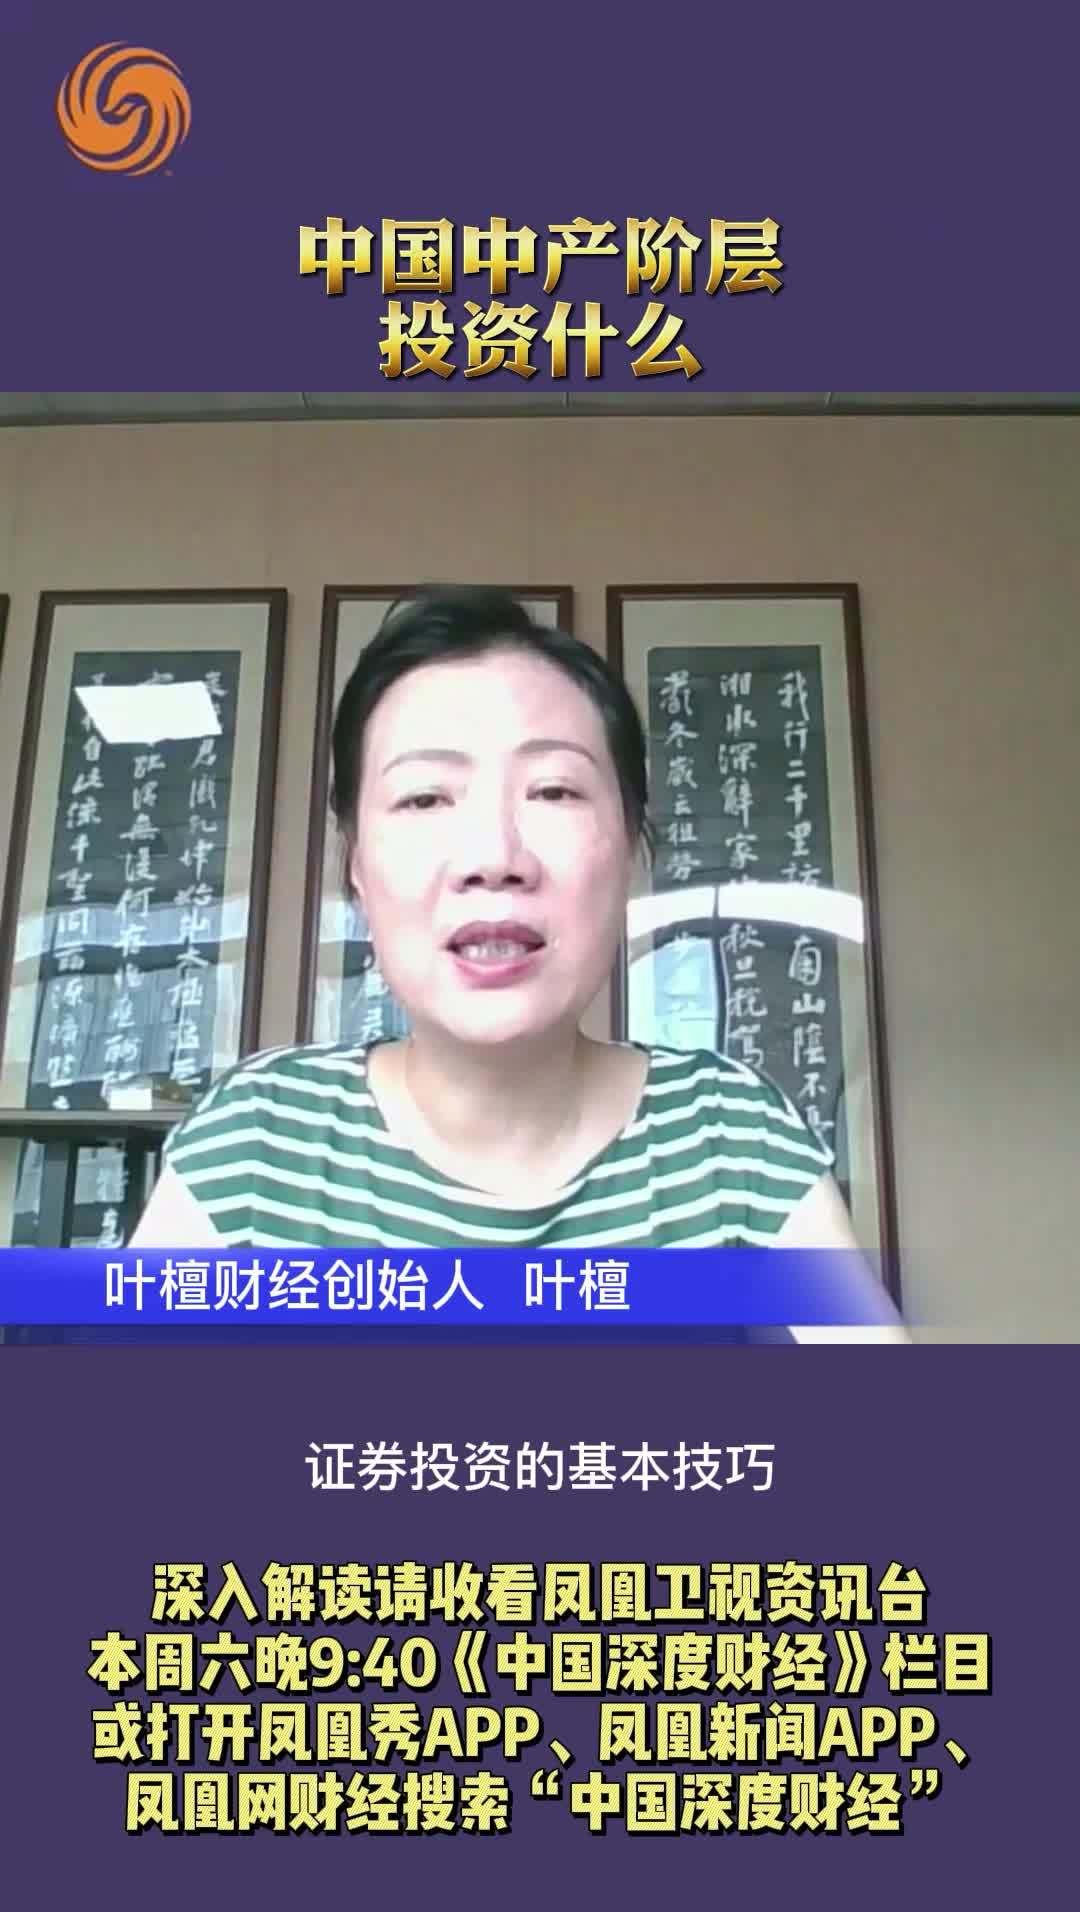 叶檀:中国中产阶级投资什么?